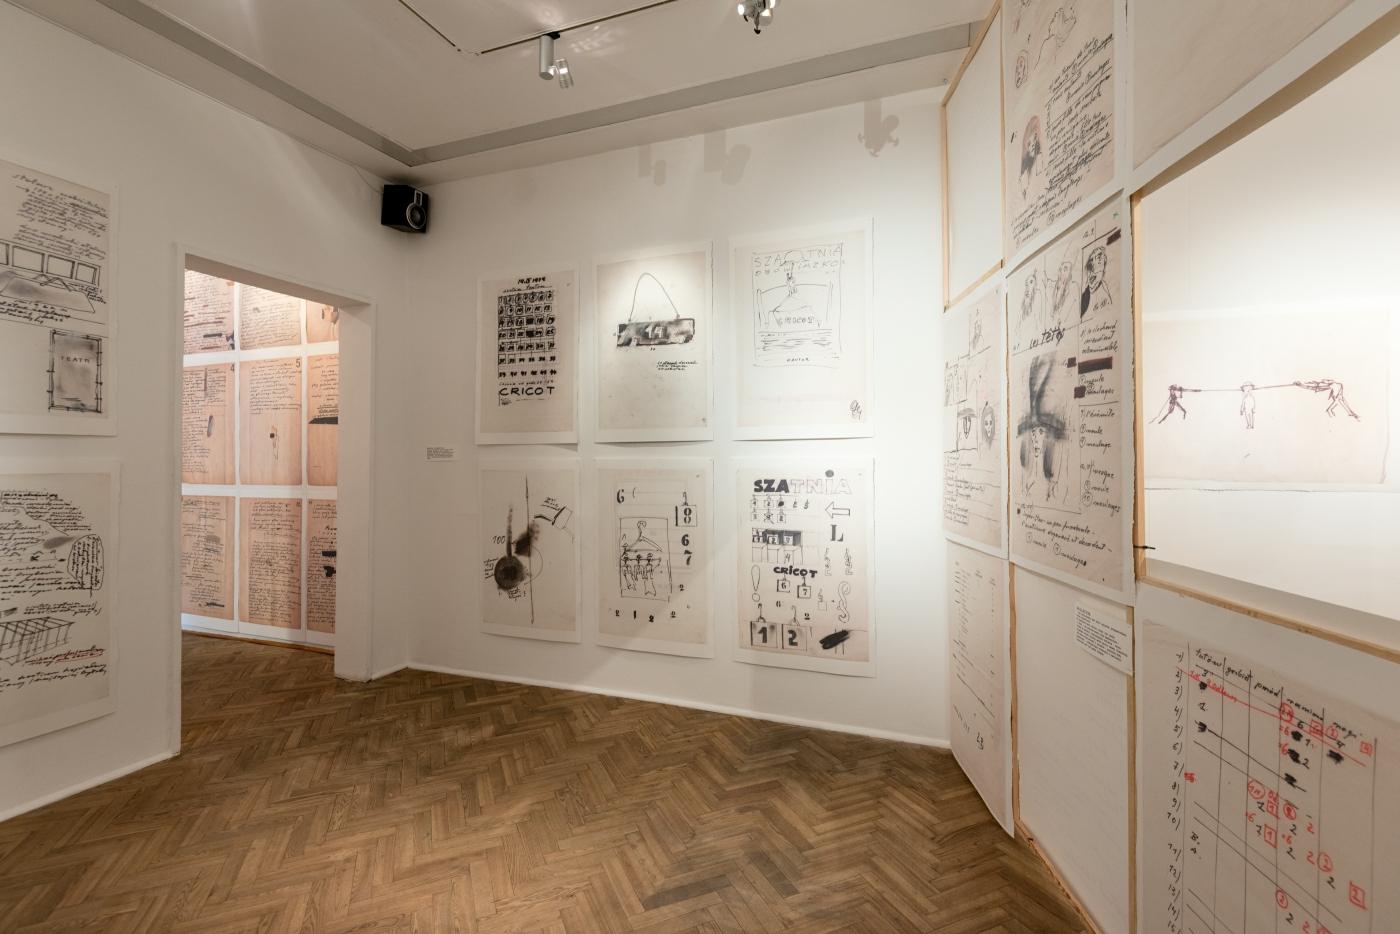 Tadeusz Kantor, Brudnopisy, widok wystawy, Galeria Foksal 2015